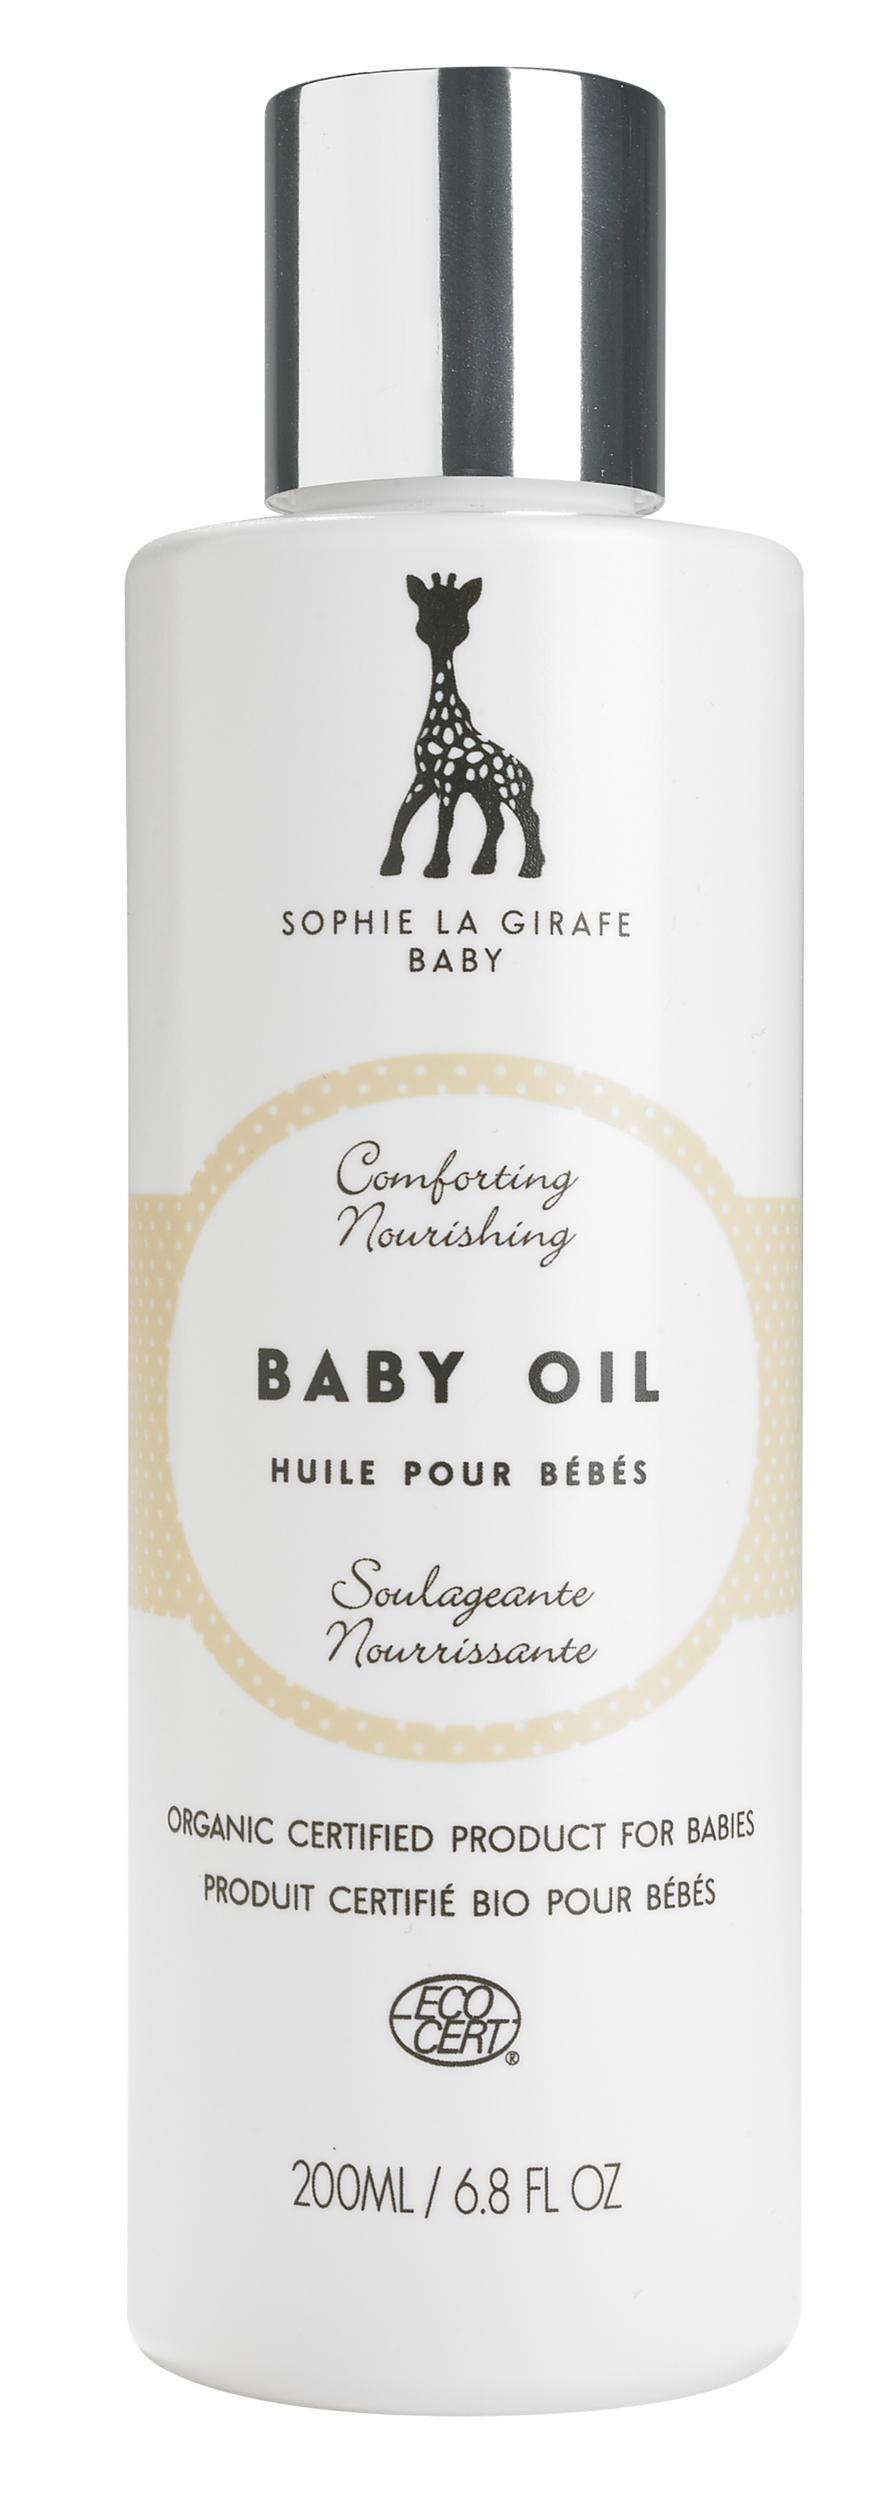 Sophie la girafe Baby - Huile pour bébés